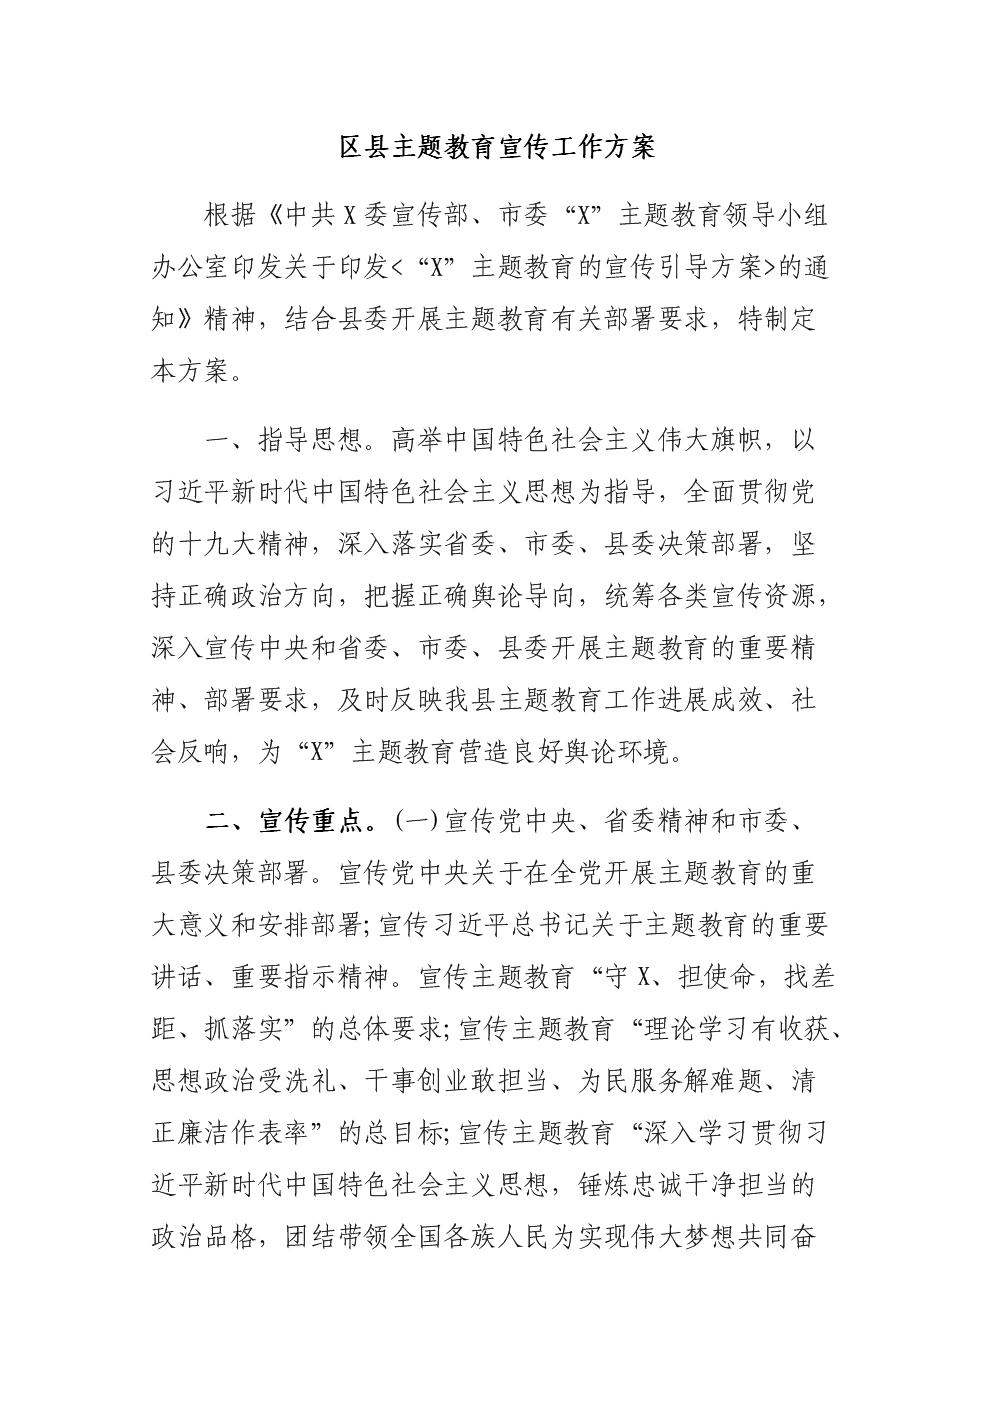 区县主题教育宣传工作方案.docx